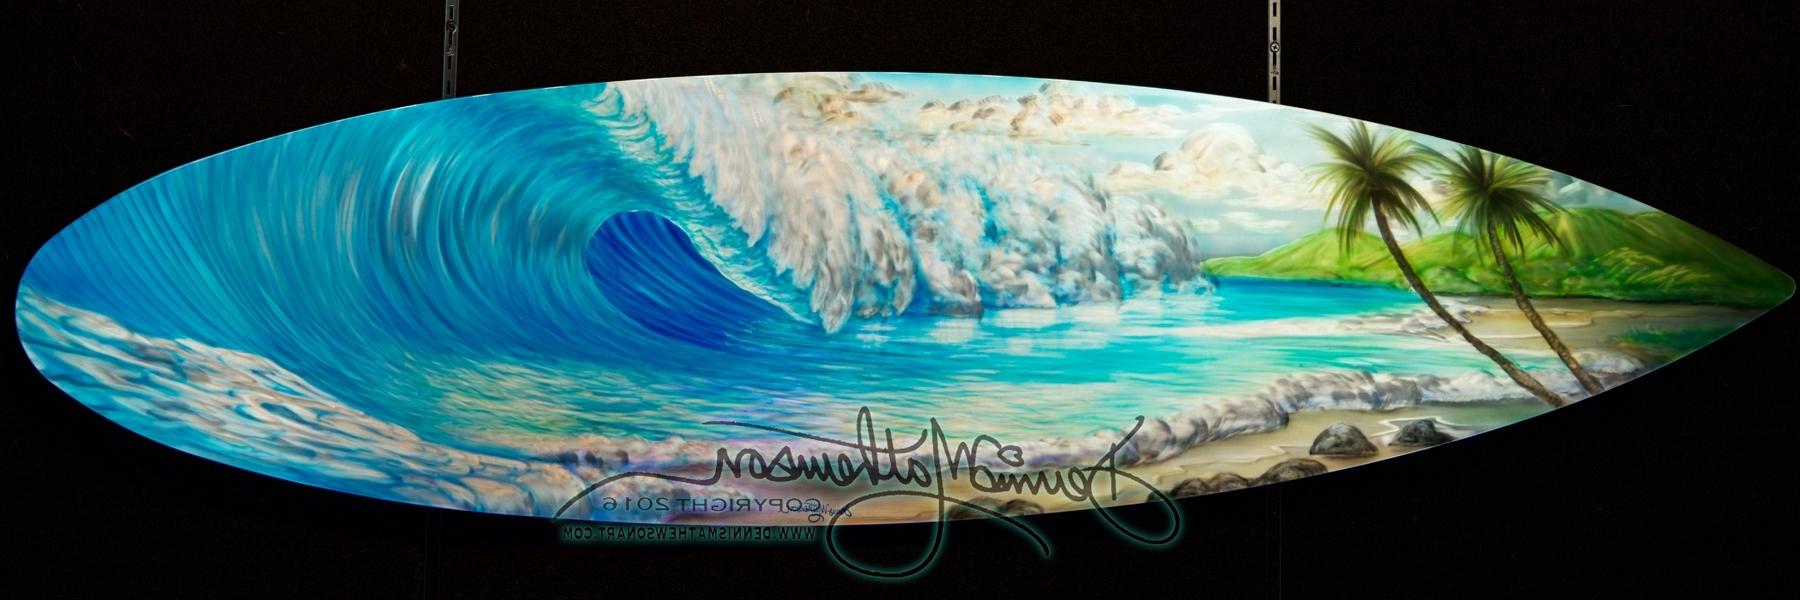 Surfboard Wall Art Inside Best And Newest Surfboard Wave #16 – Dennis Mathewson Art (View 11 of 15)